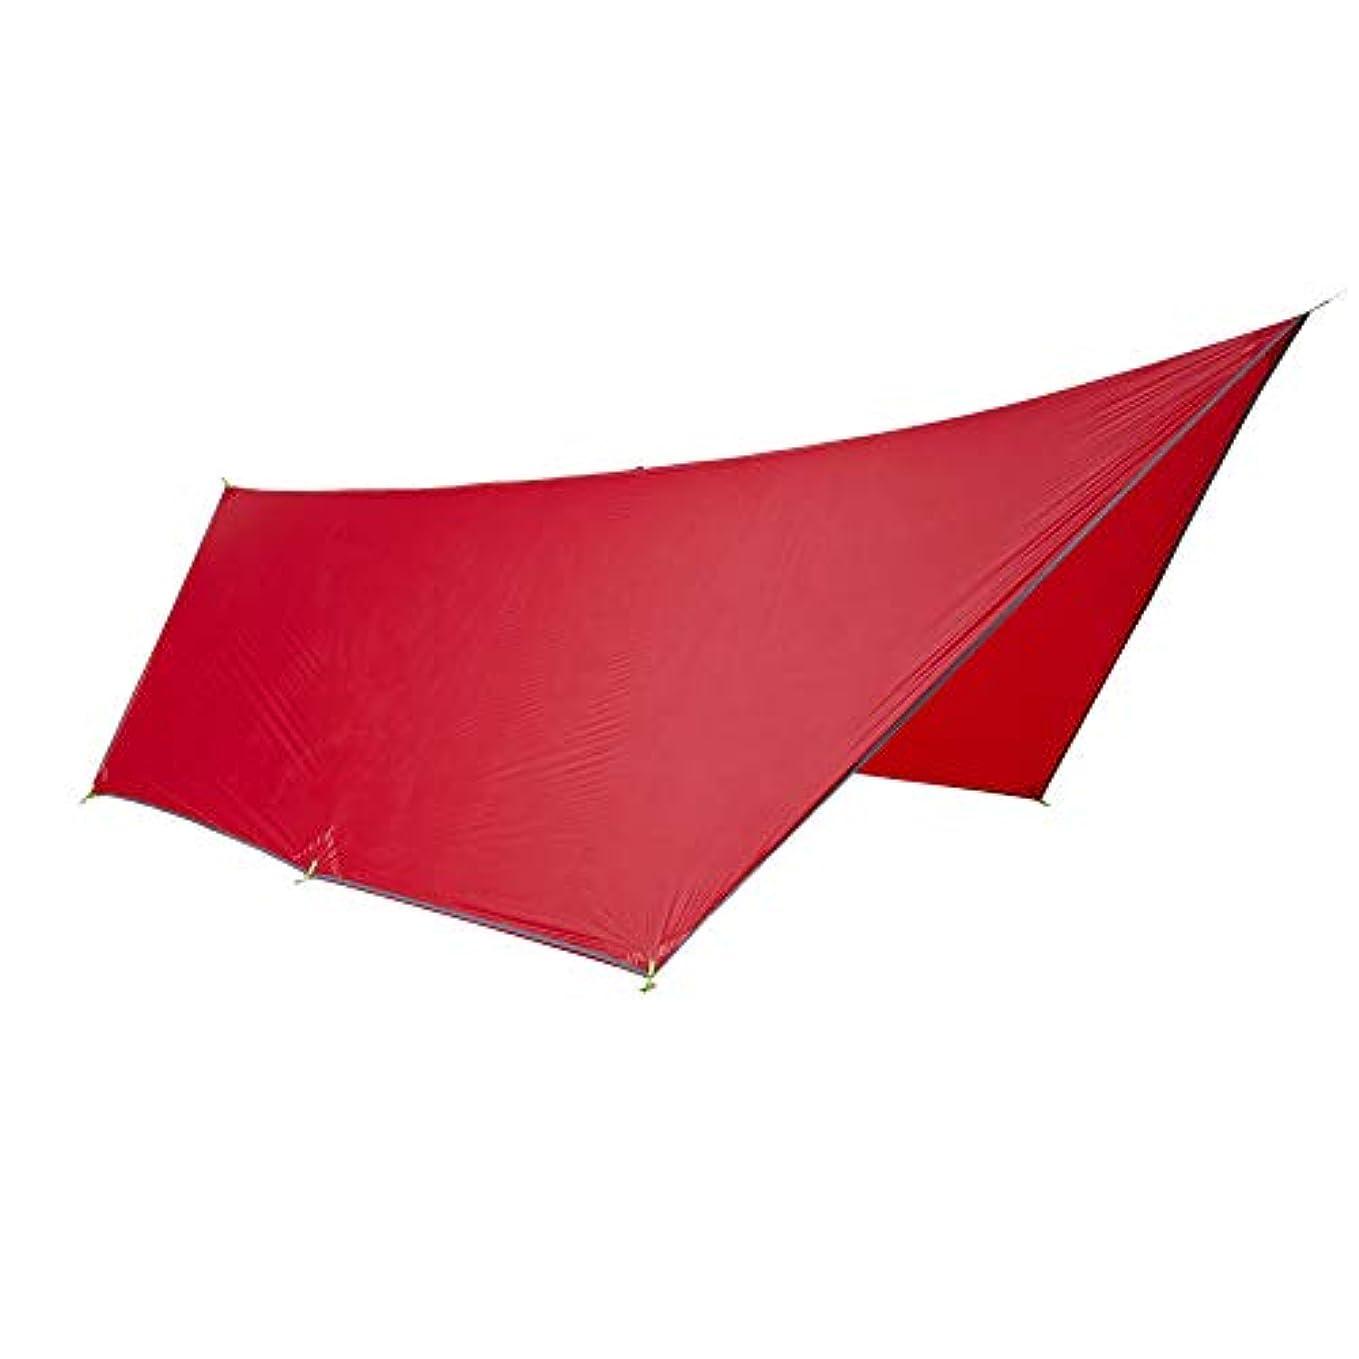 信念三角アクロバットOneTigris BlackOrca タープ 天幕シェード 超軽量 日よけ UVカット 五角形 ポータル シェルター アウトドア キャンプ用品